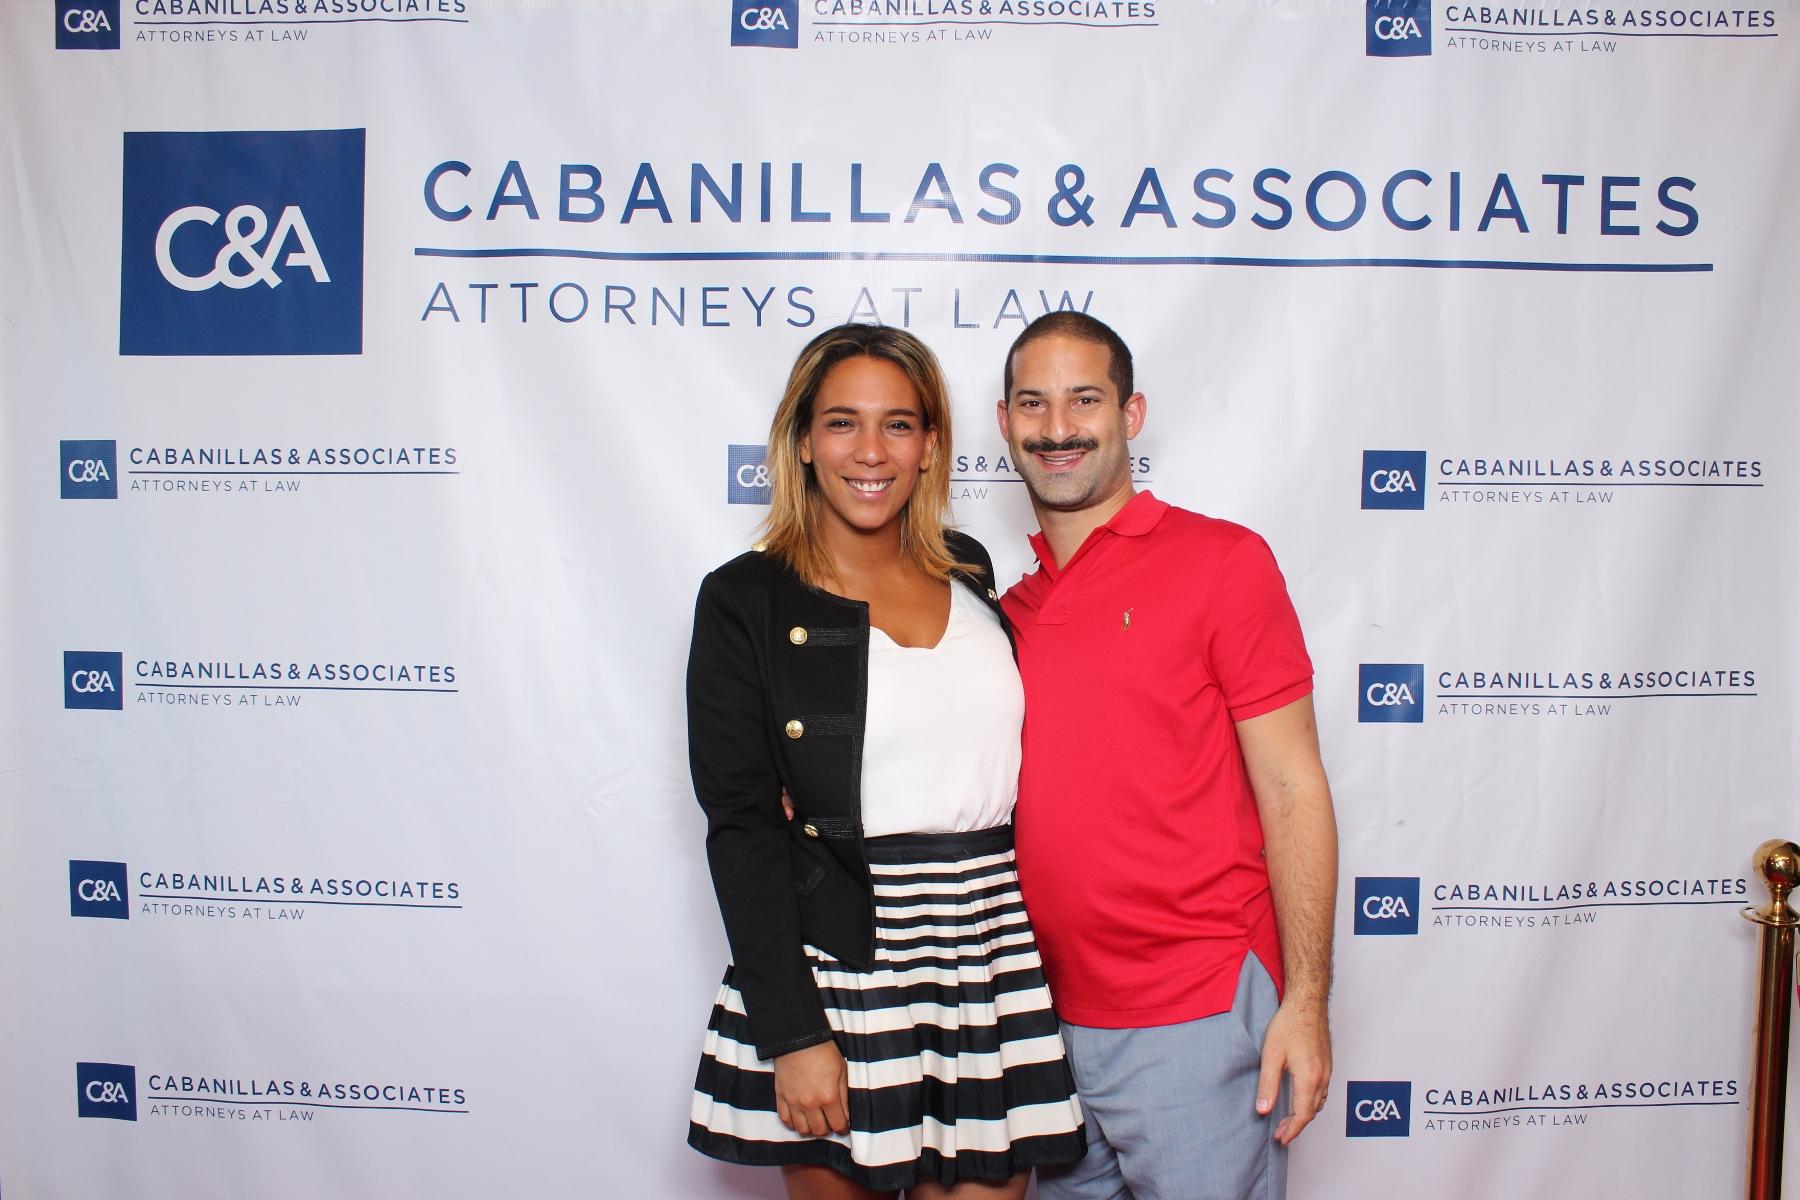 Cabanillas_2016-06-16_18-44-33.jpg